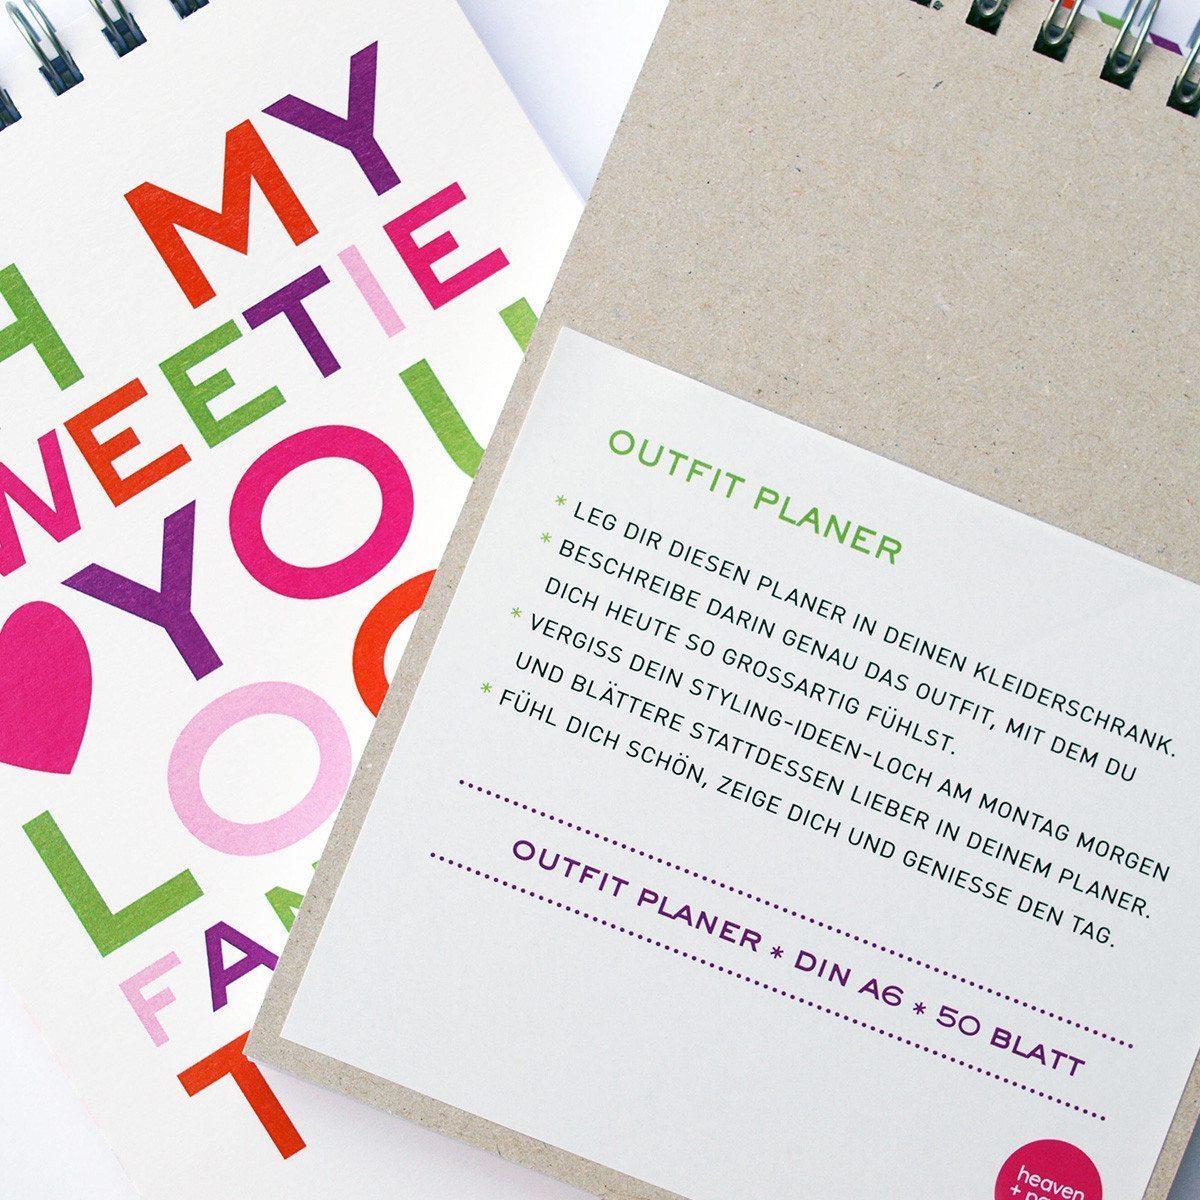 Der Outfitplaner für Modebegeisterte